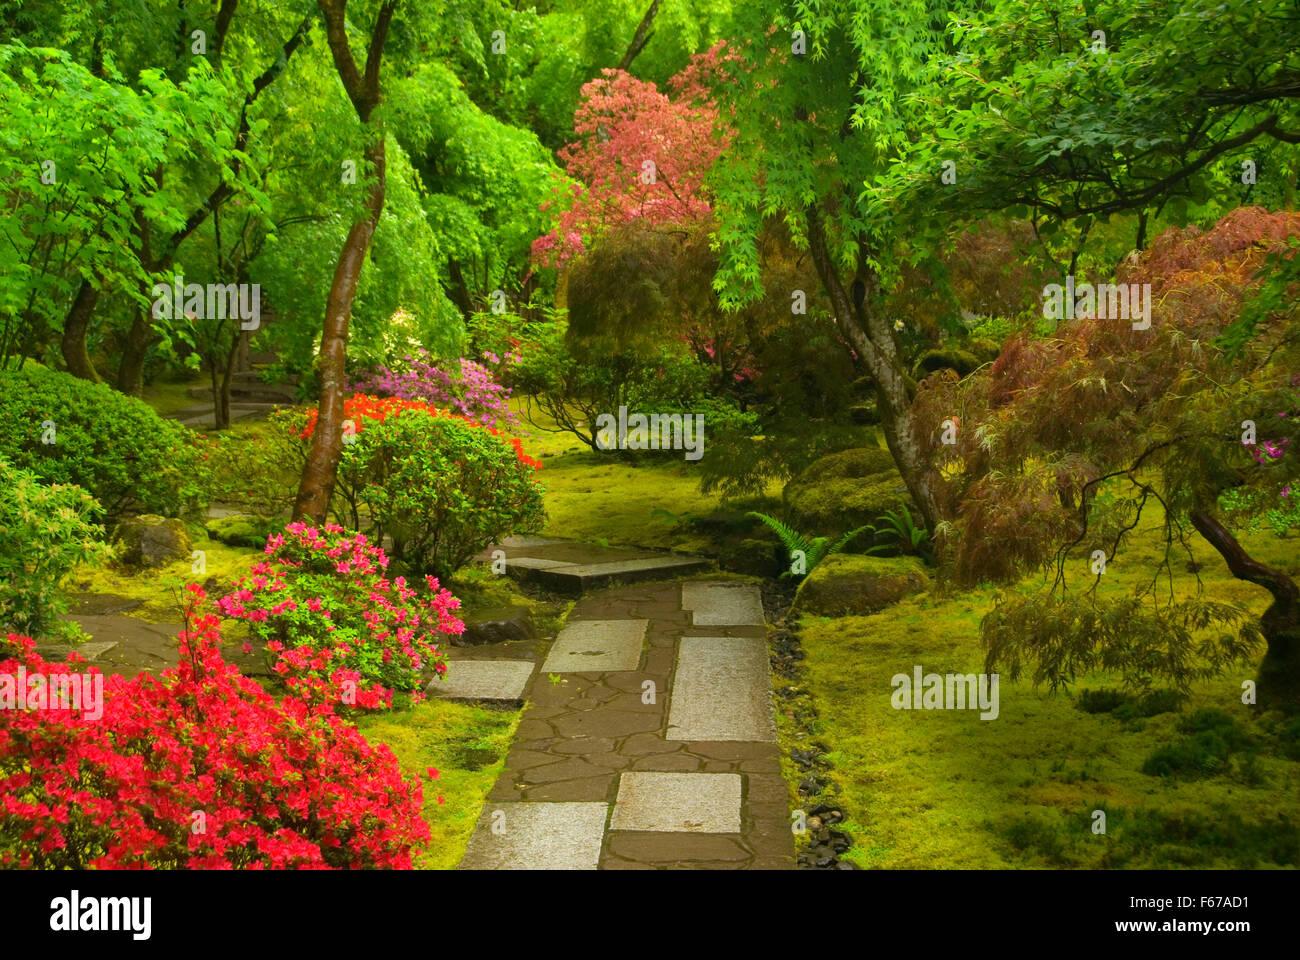 Tea Garden Path Portland Japanese Garden Washington Park Portland Stock Photo Royalty Free